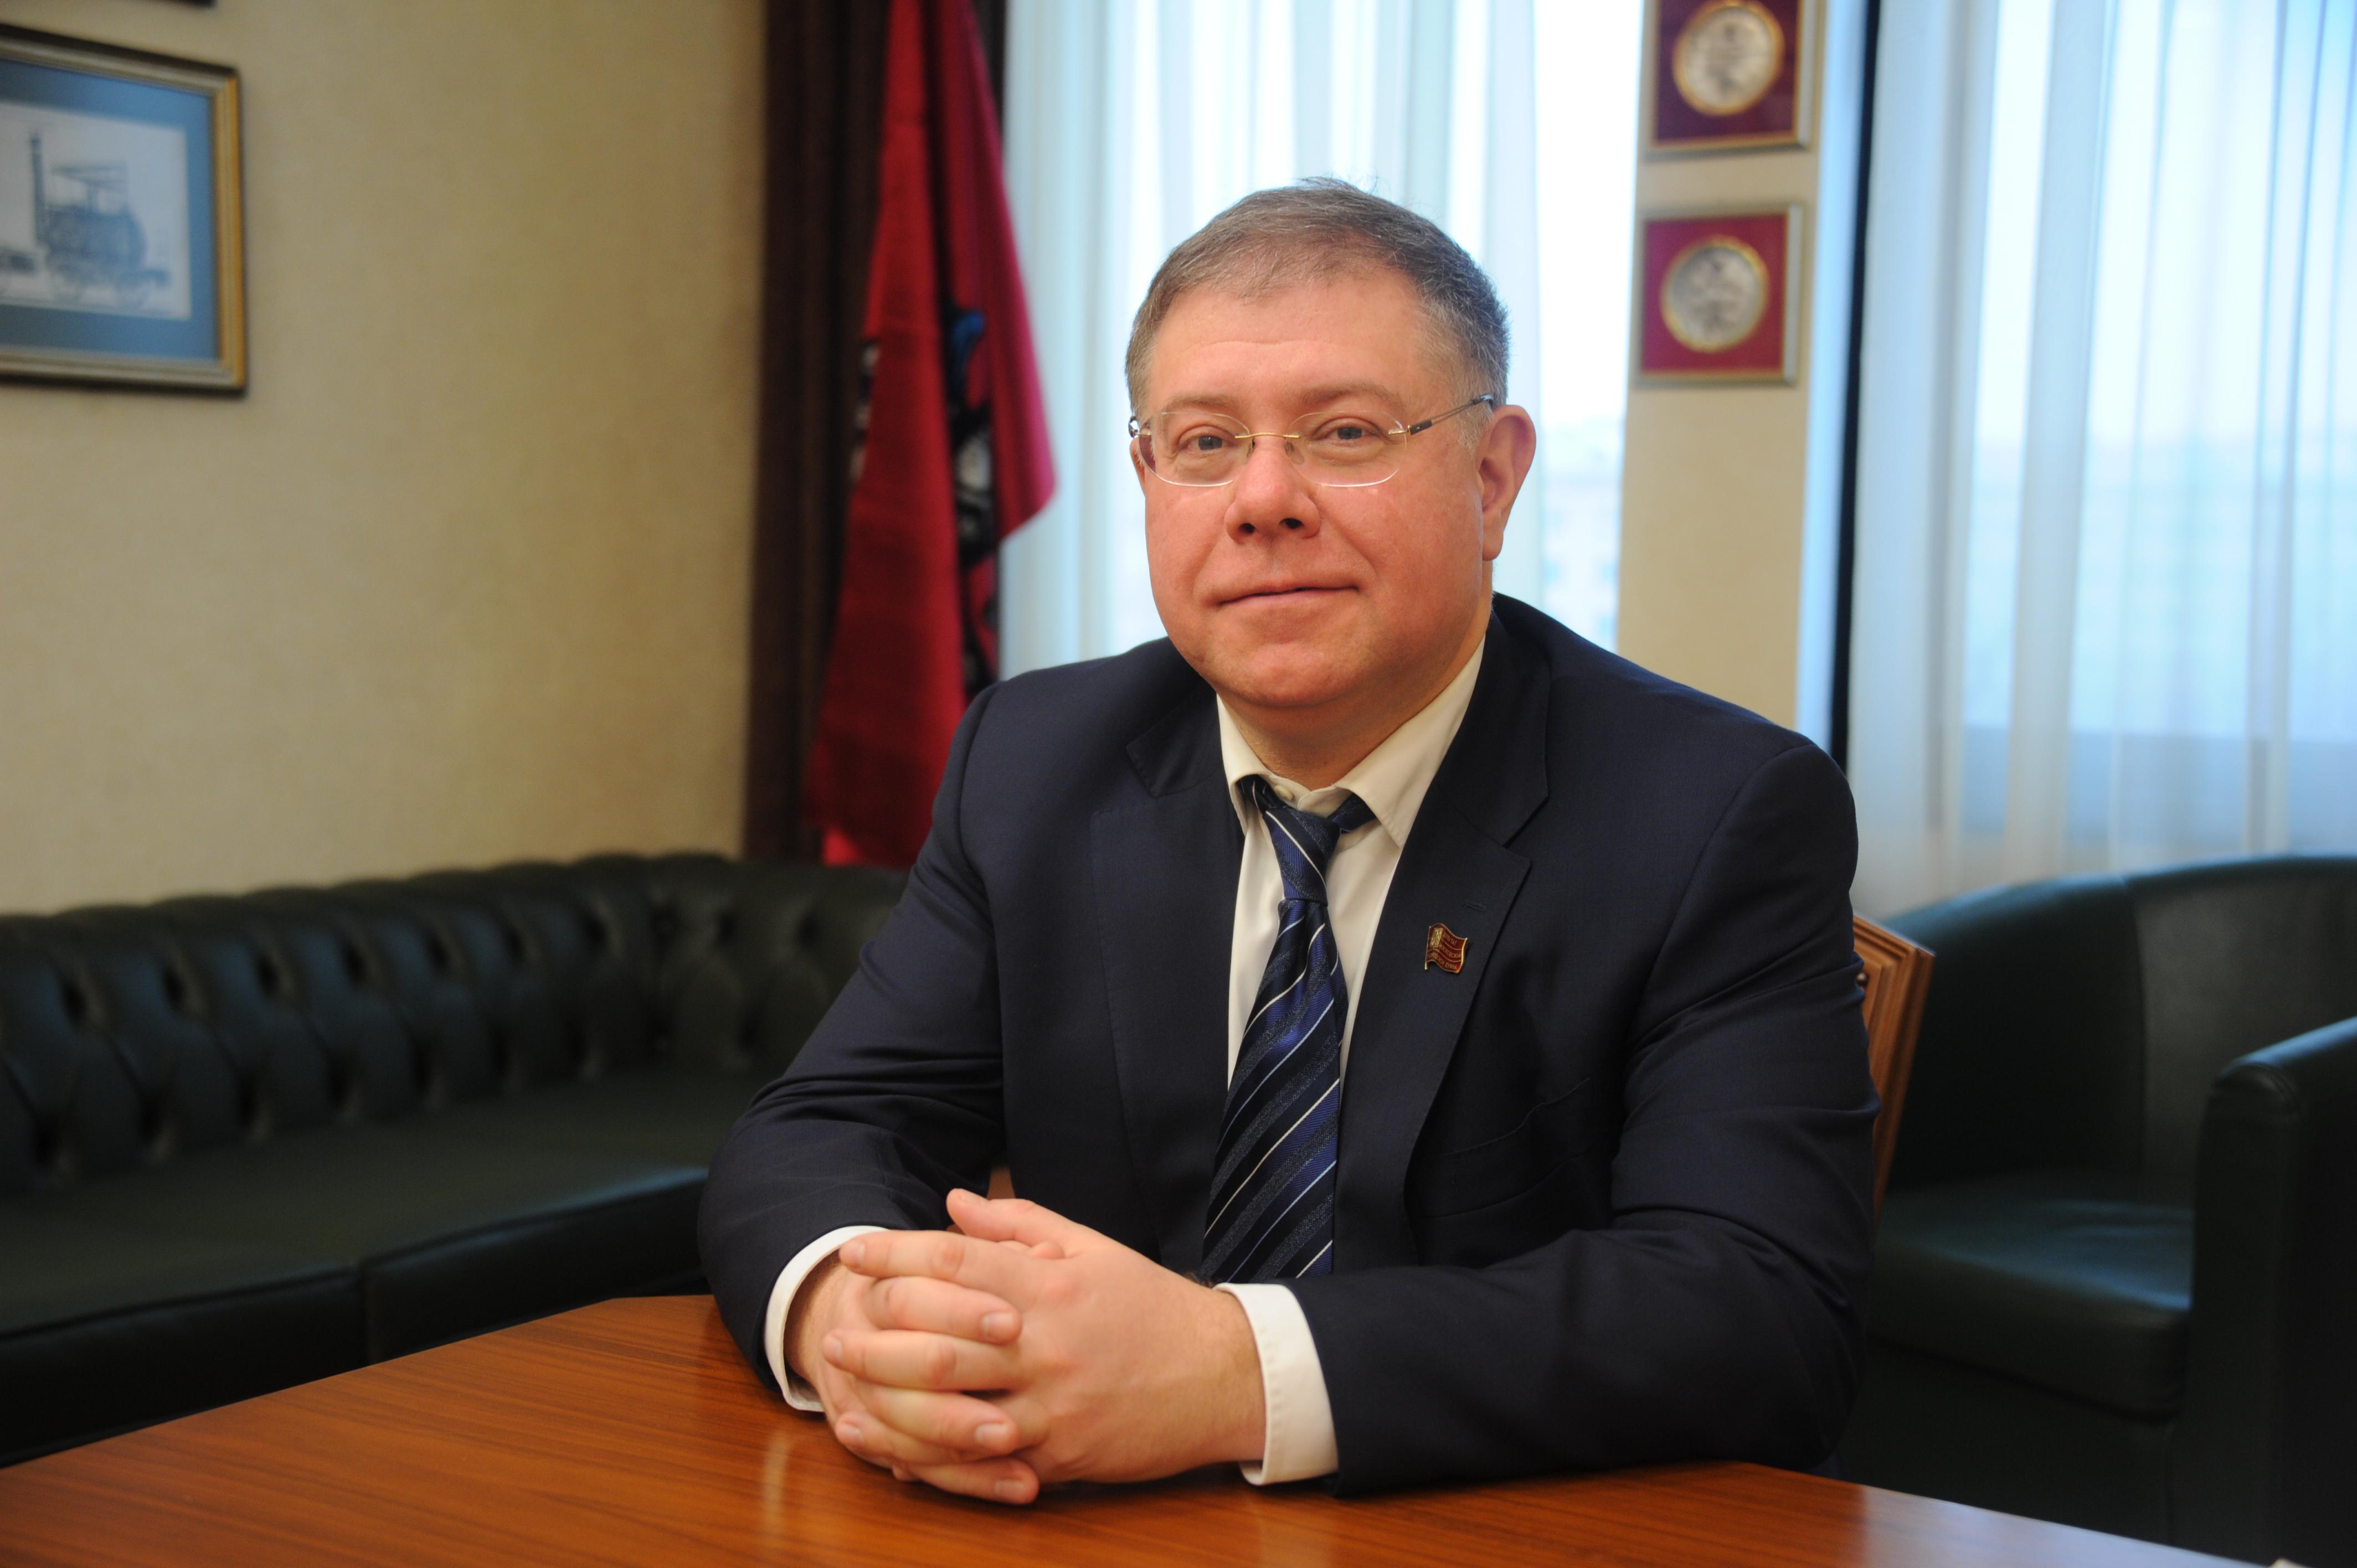 Депутат МГД Орлов рассказал об исполнении фракцией «ЕР» более тысячи наказов избирателей в 2020 году